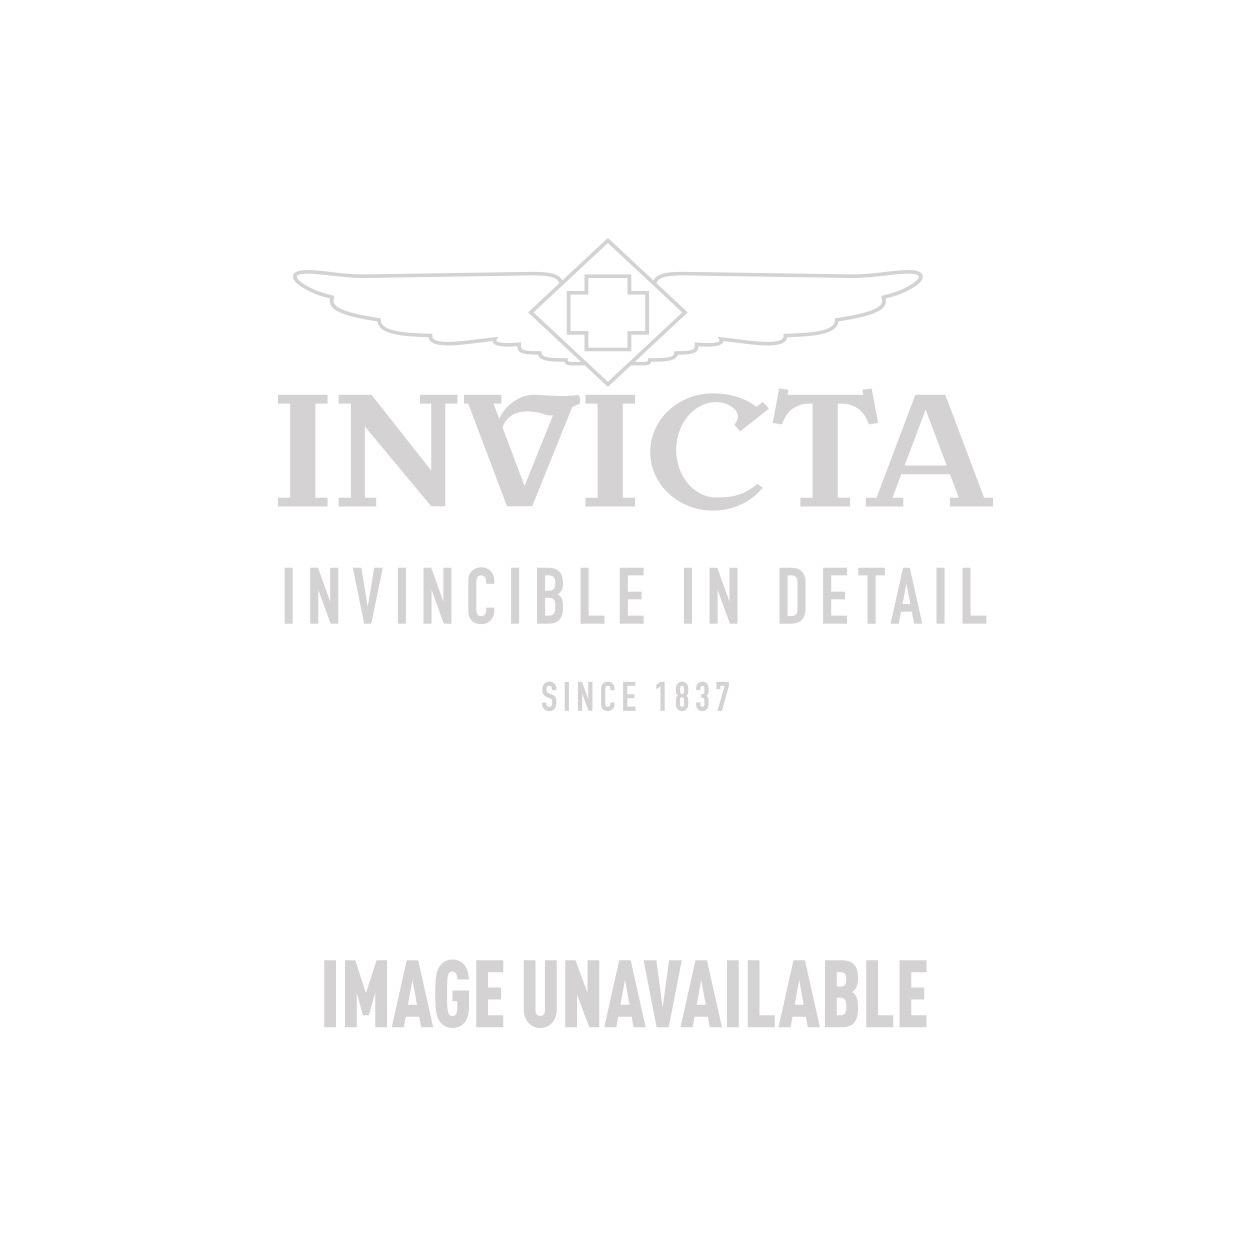 Invicta Model 25621